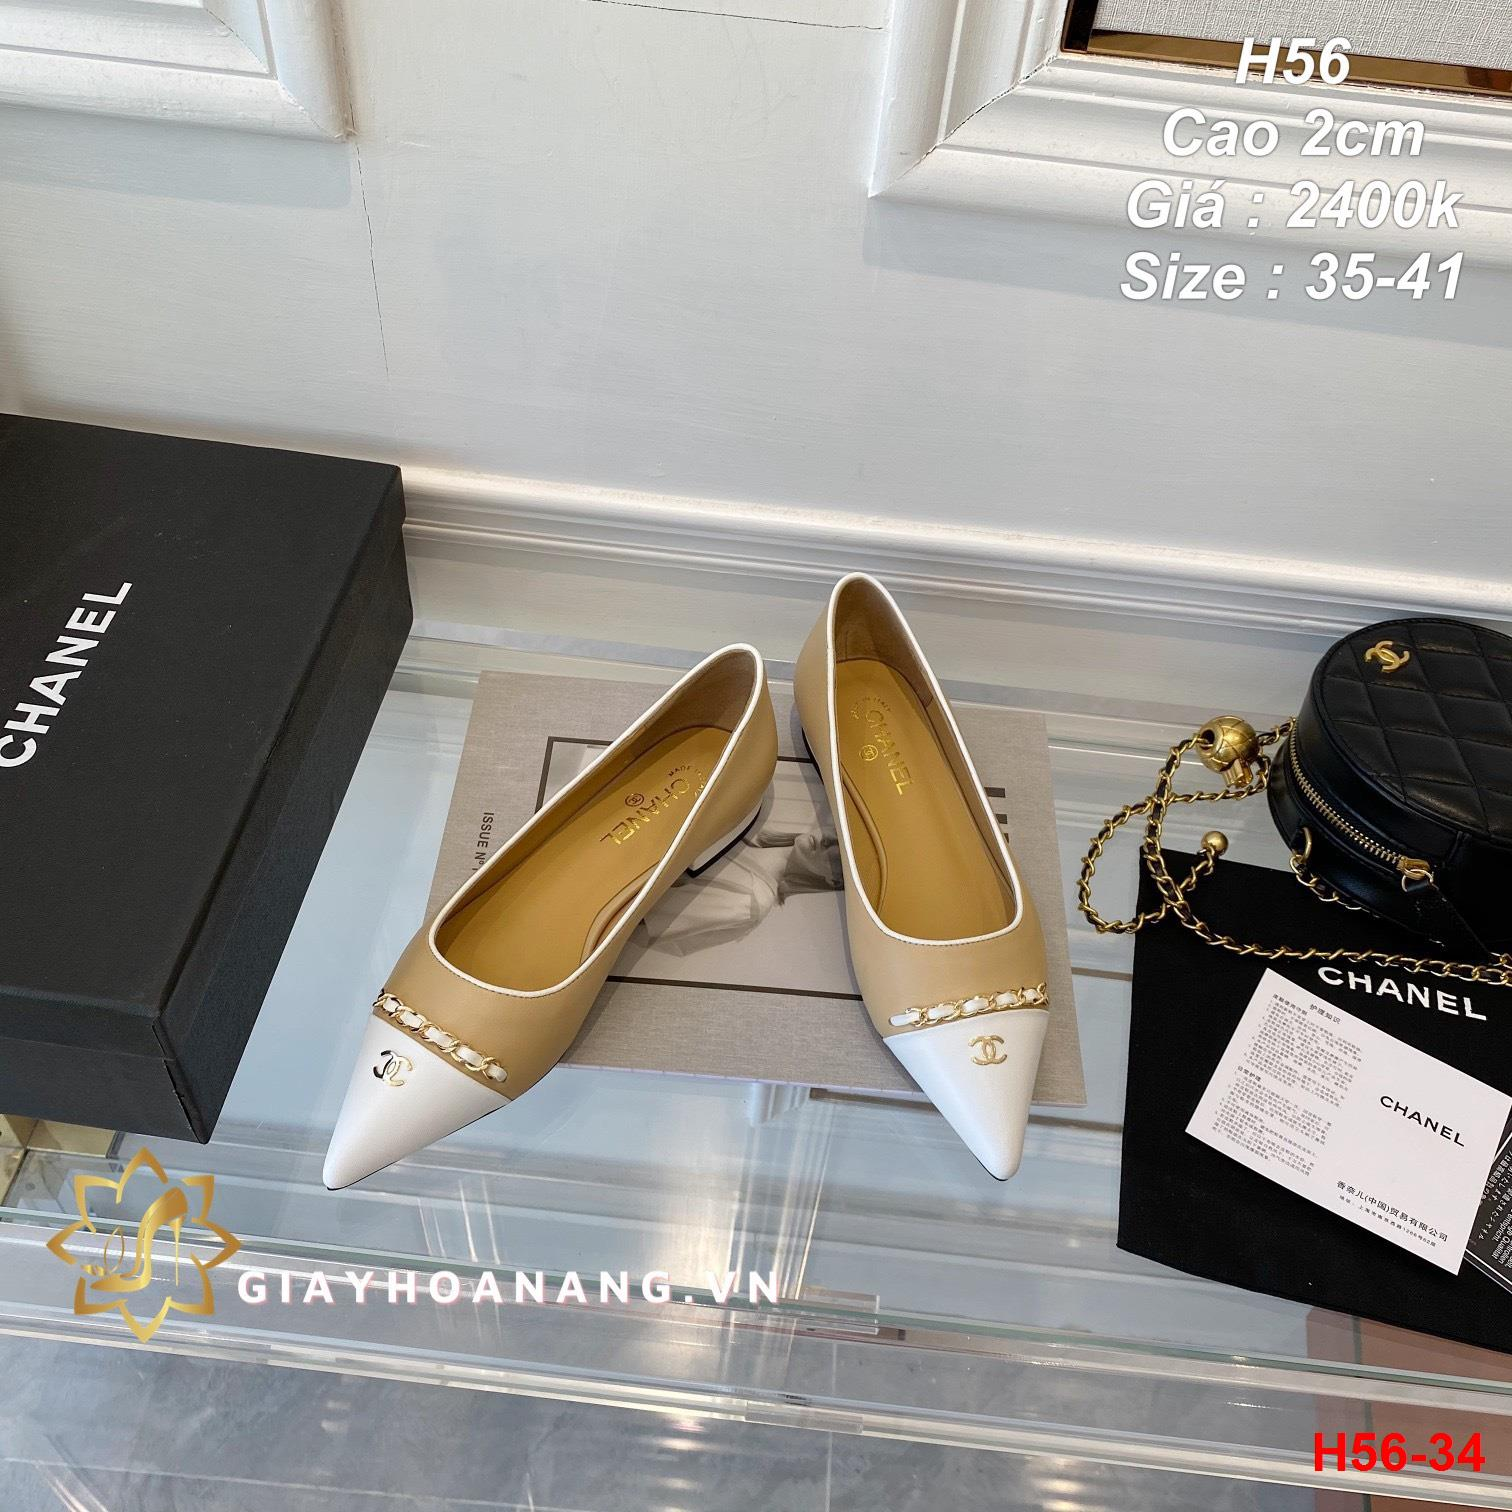 H56-34 Chanel giày cao 2cm siêu cấp